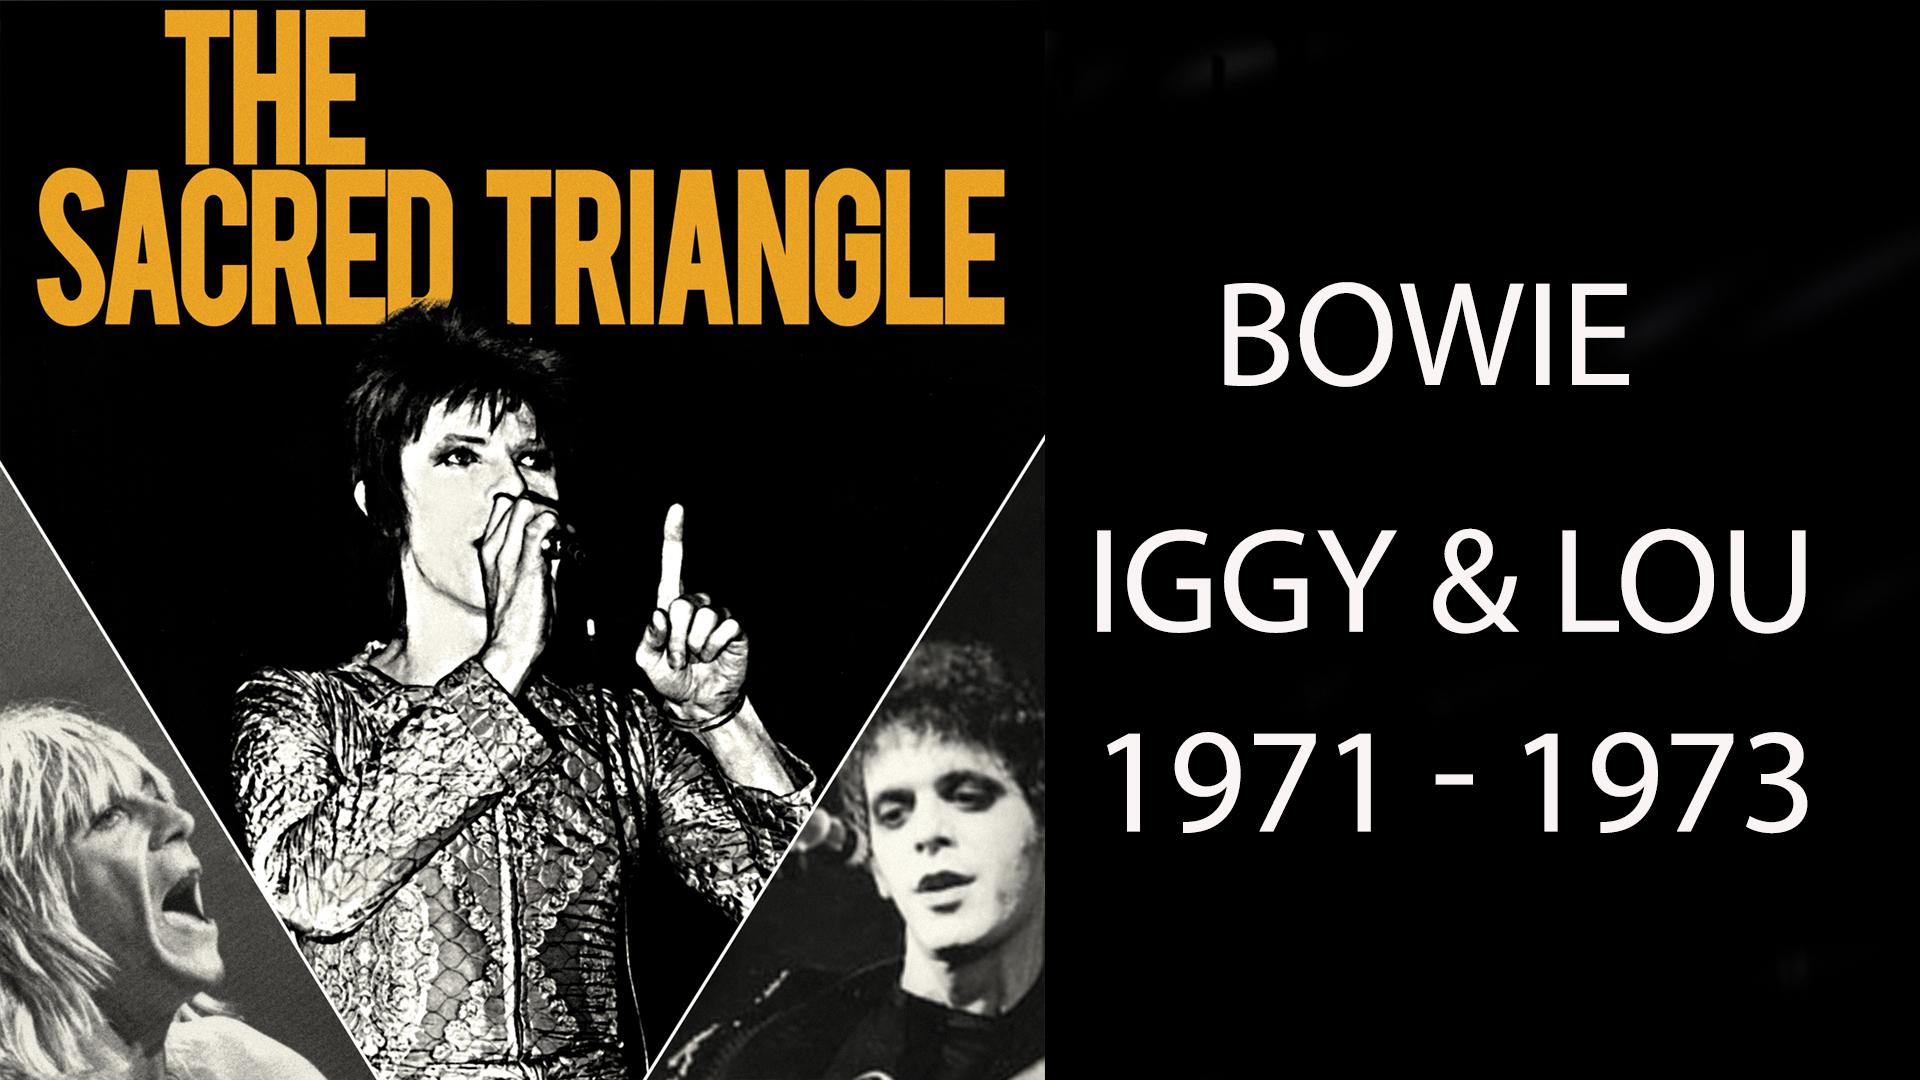 David Bowie - The Sacred Triangle: Bowie, Iggy & Lou 1971- 1973